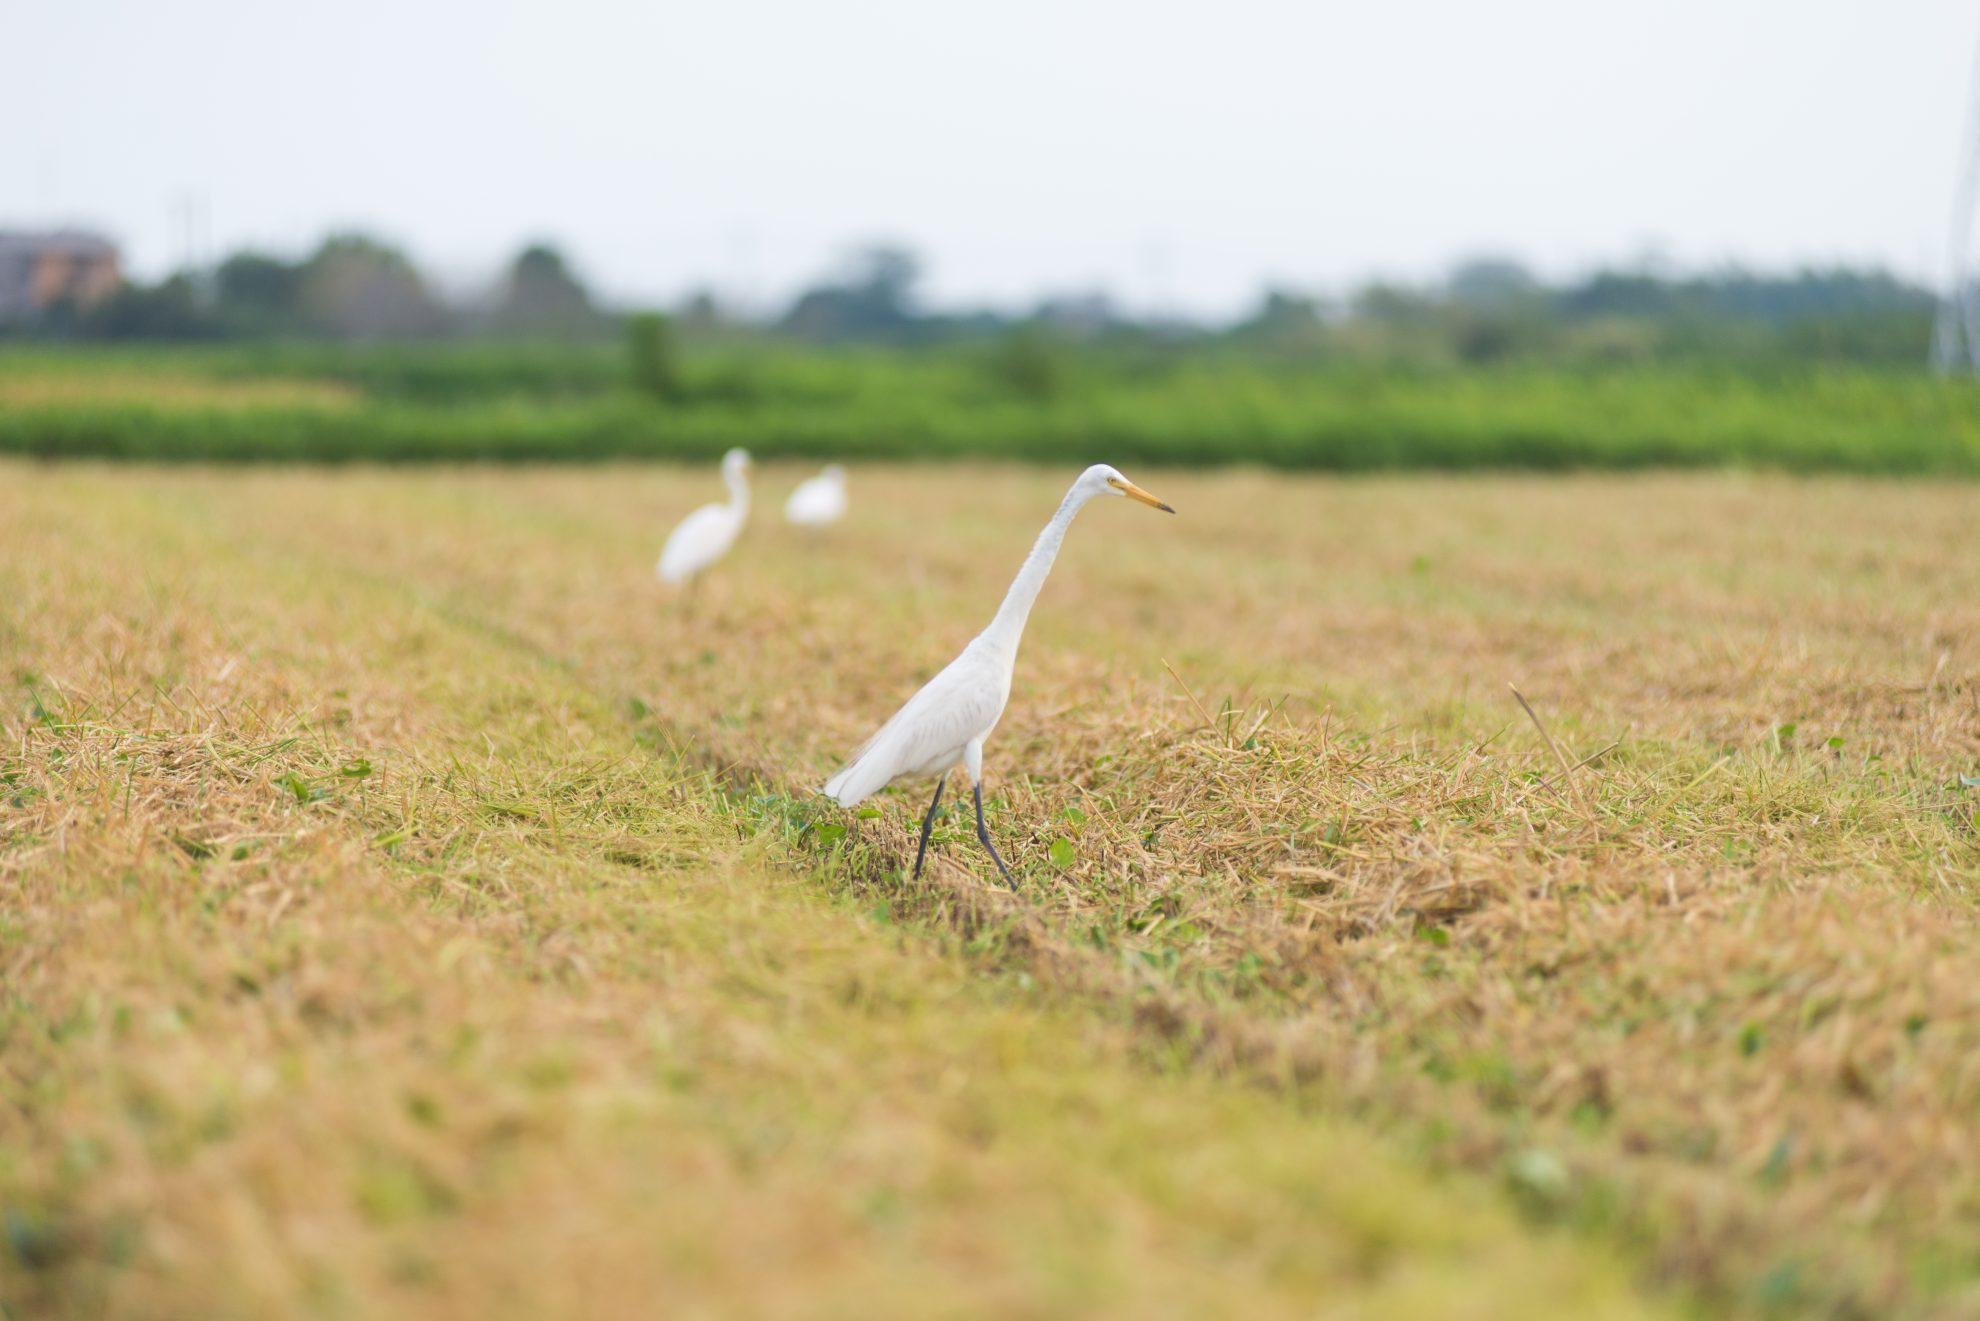 収穫後の田んぼには鳥たちが待ってました!と言わんがばかりに餌探しに集まってきます。